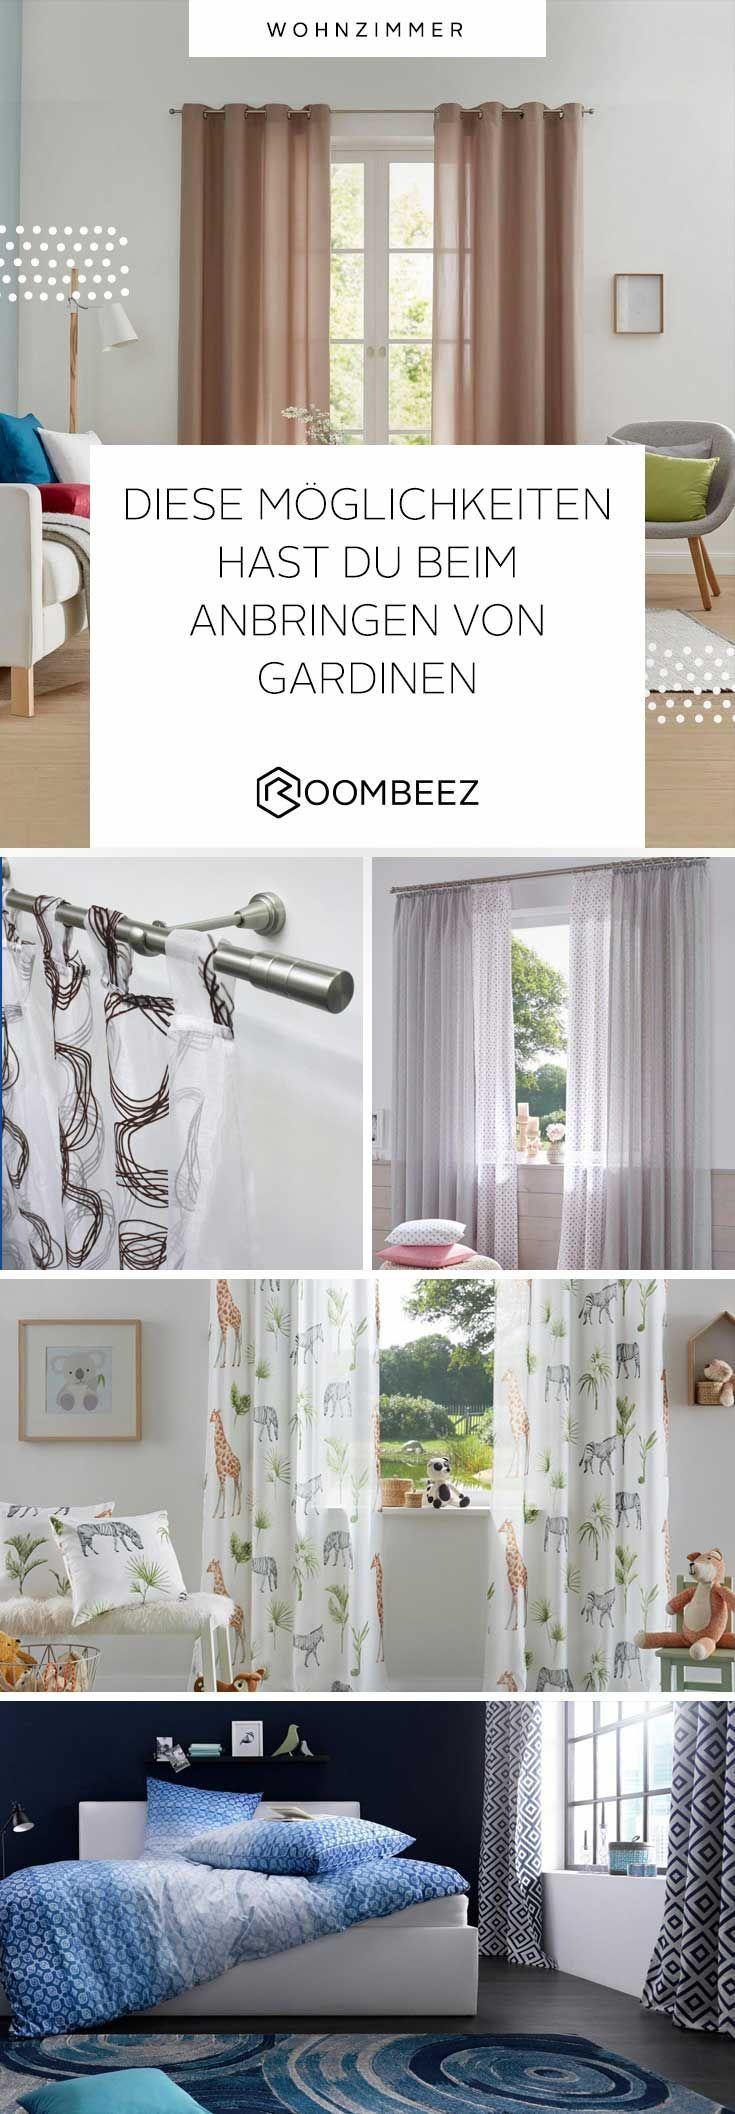 Anbringen Aufhängen Beim Gardinen Möglichkeiten Verschiedene Gardinen Wohnzimmer Ideen Gardinen Aufhängen Gardinen Wohnzimmer Hängende Vorhänge